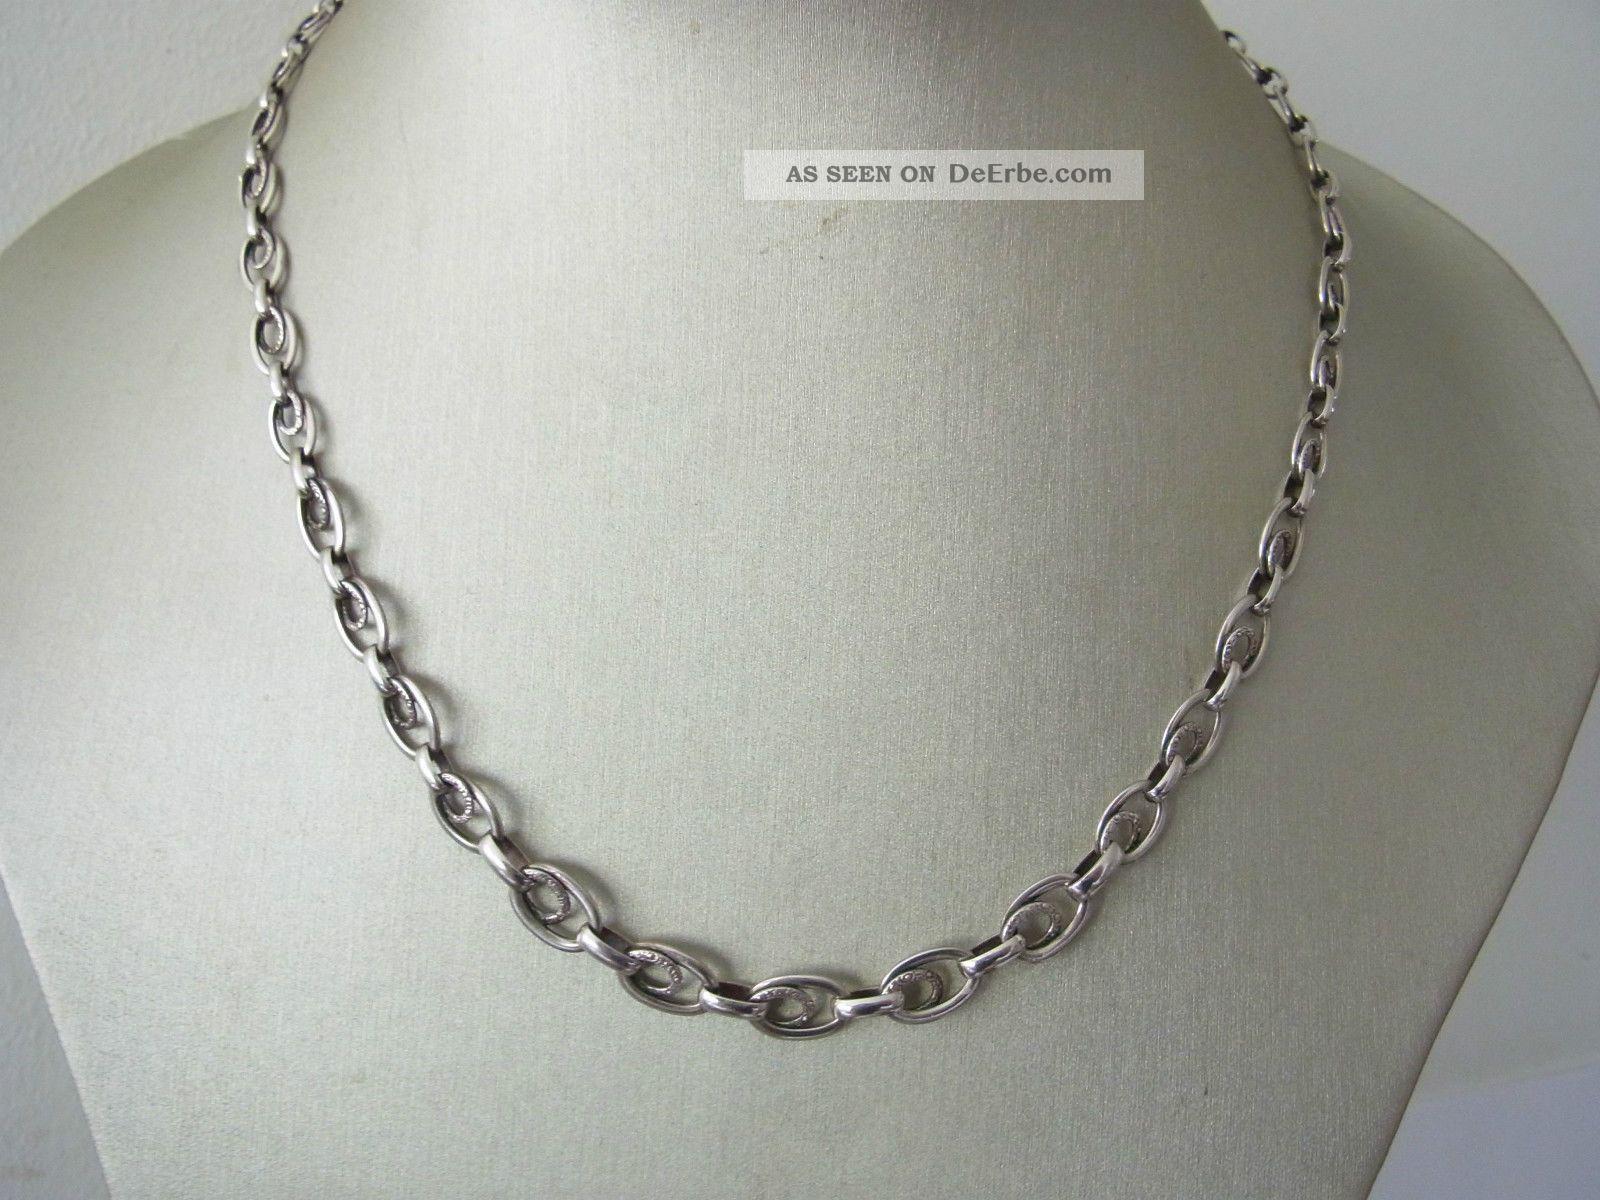 Zeittypisches Art Deco Collier Silber 835 Ln Marke Schmuck nach Epochen Bild